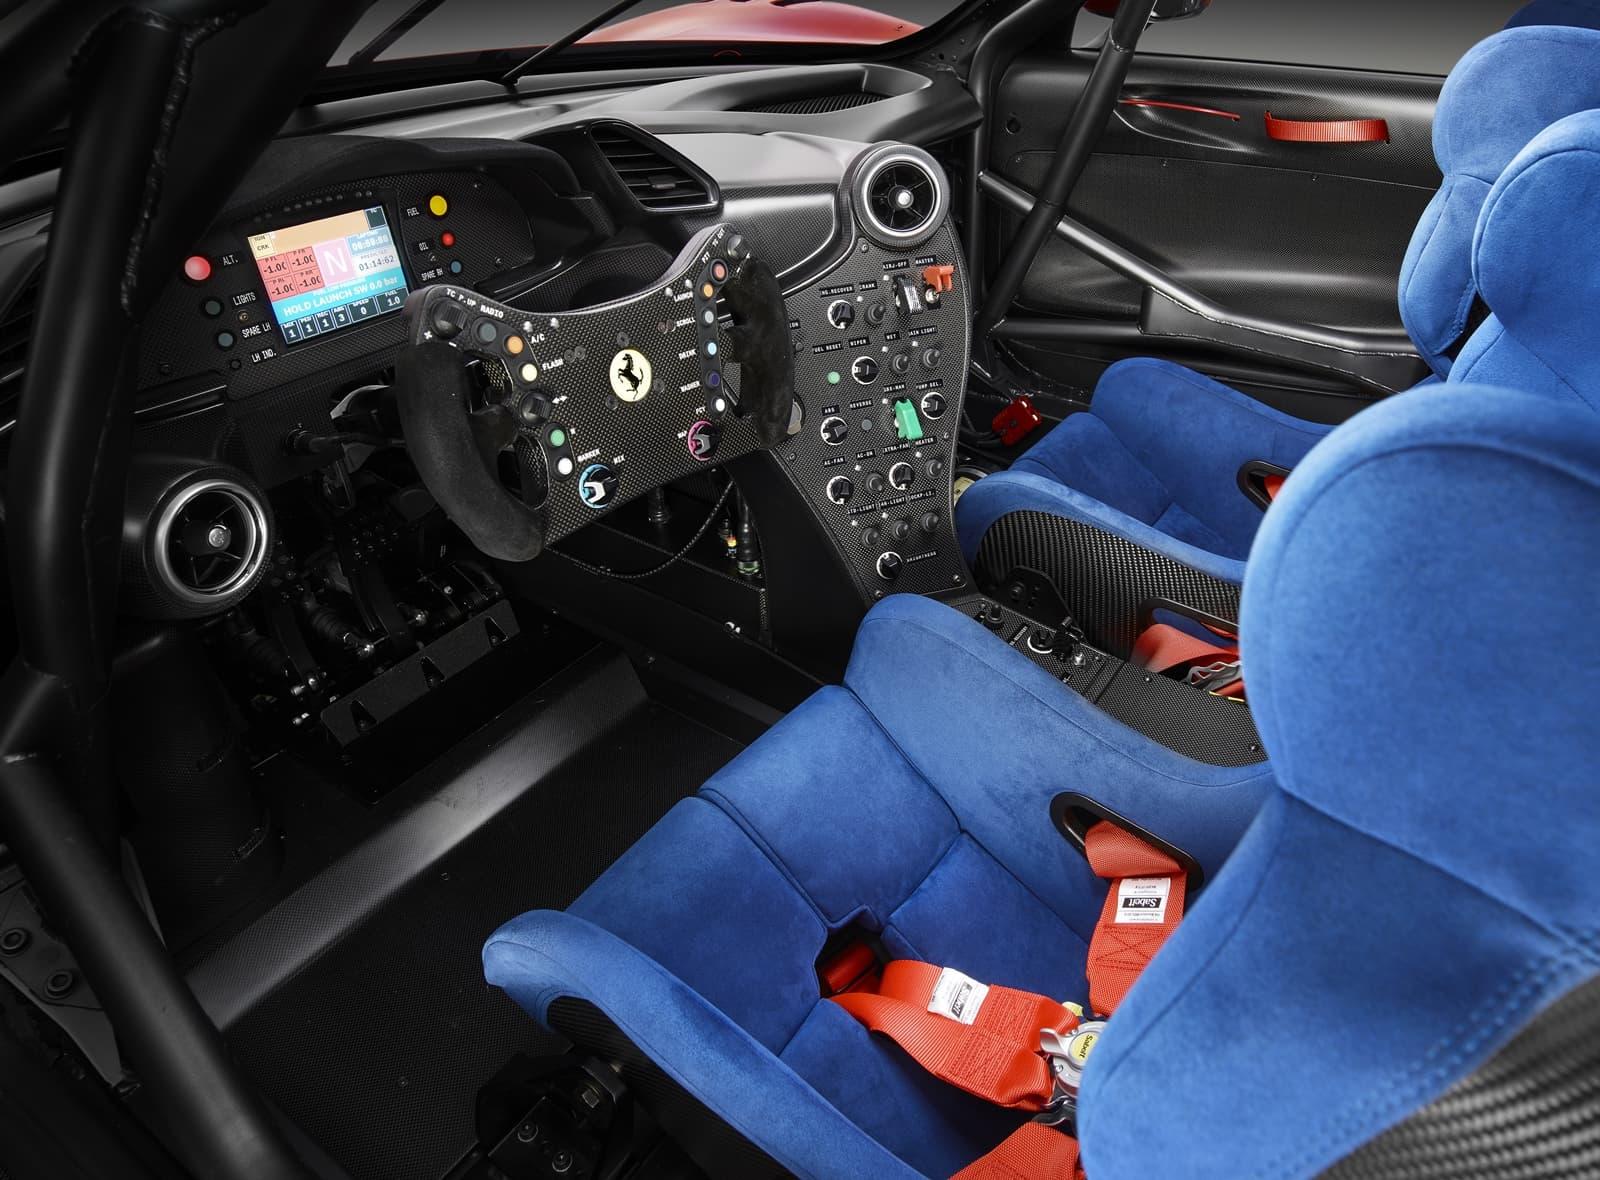 Ferrari P80c 2019 0319 004